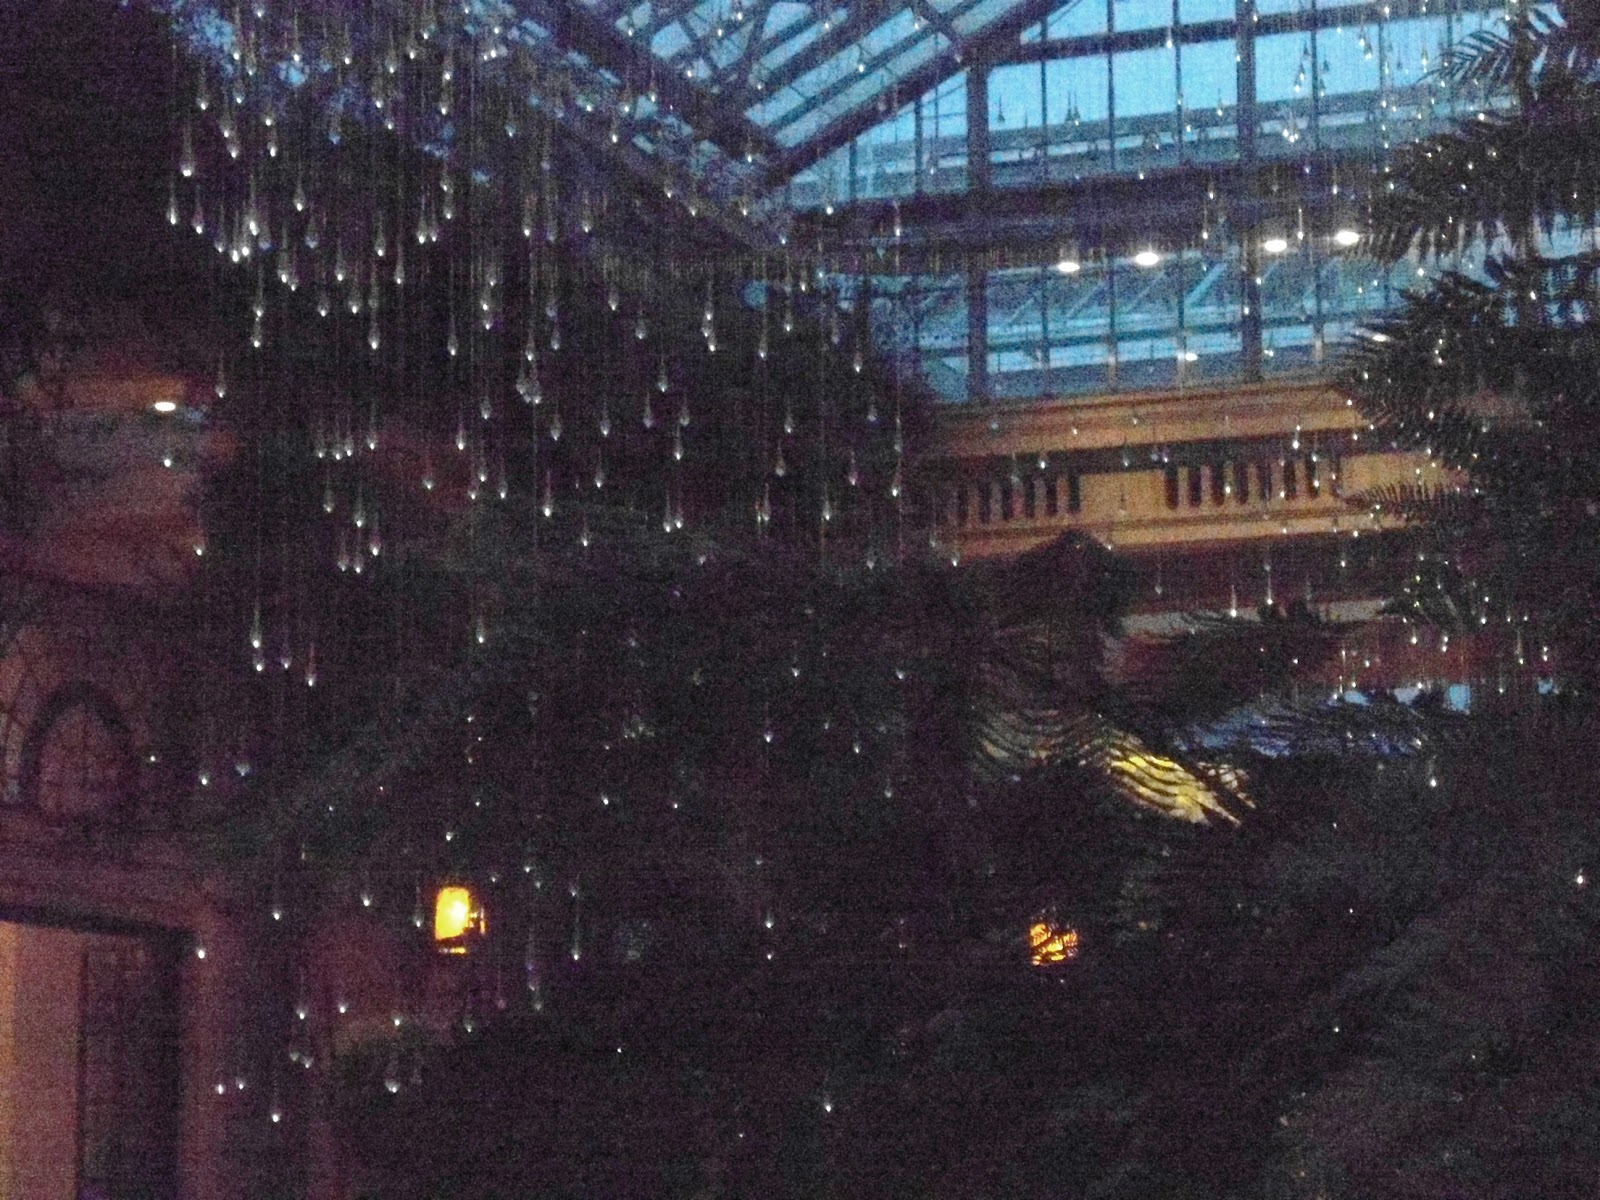 Pinkadot Quilts Longwood Garden Light Show